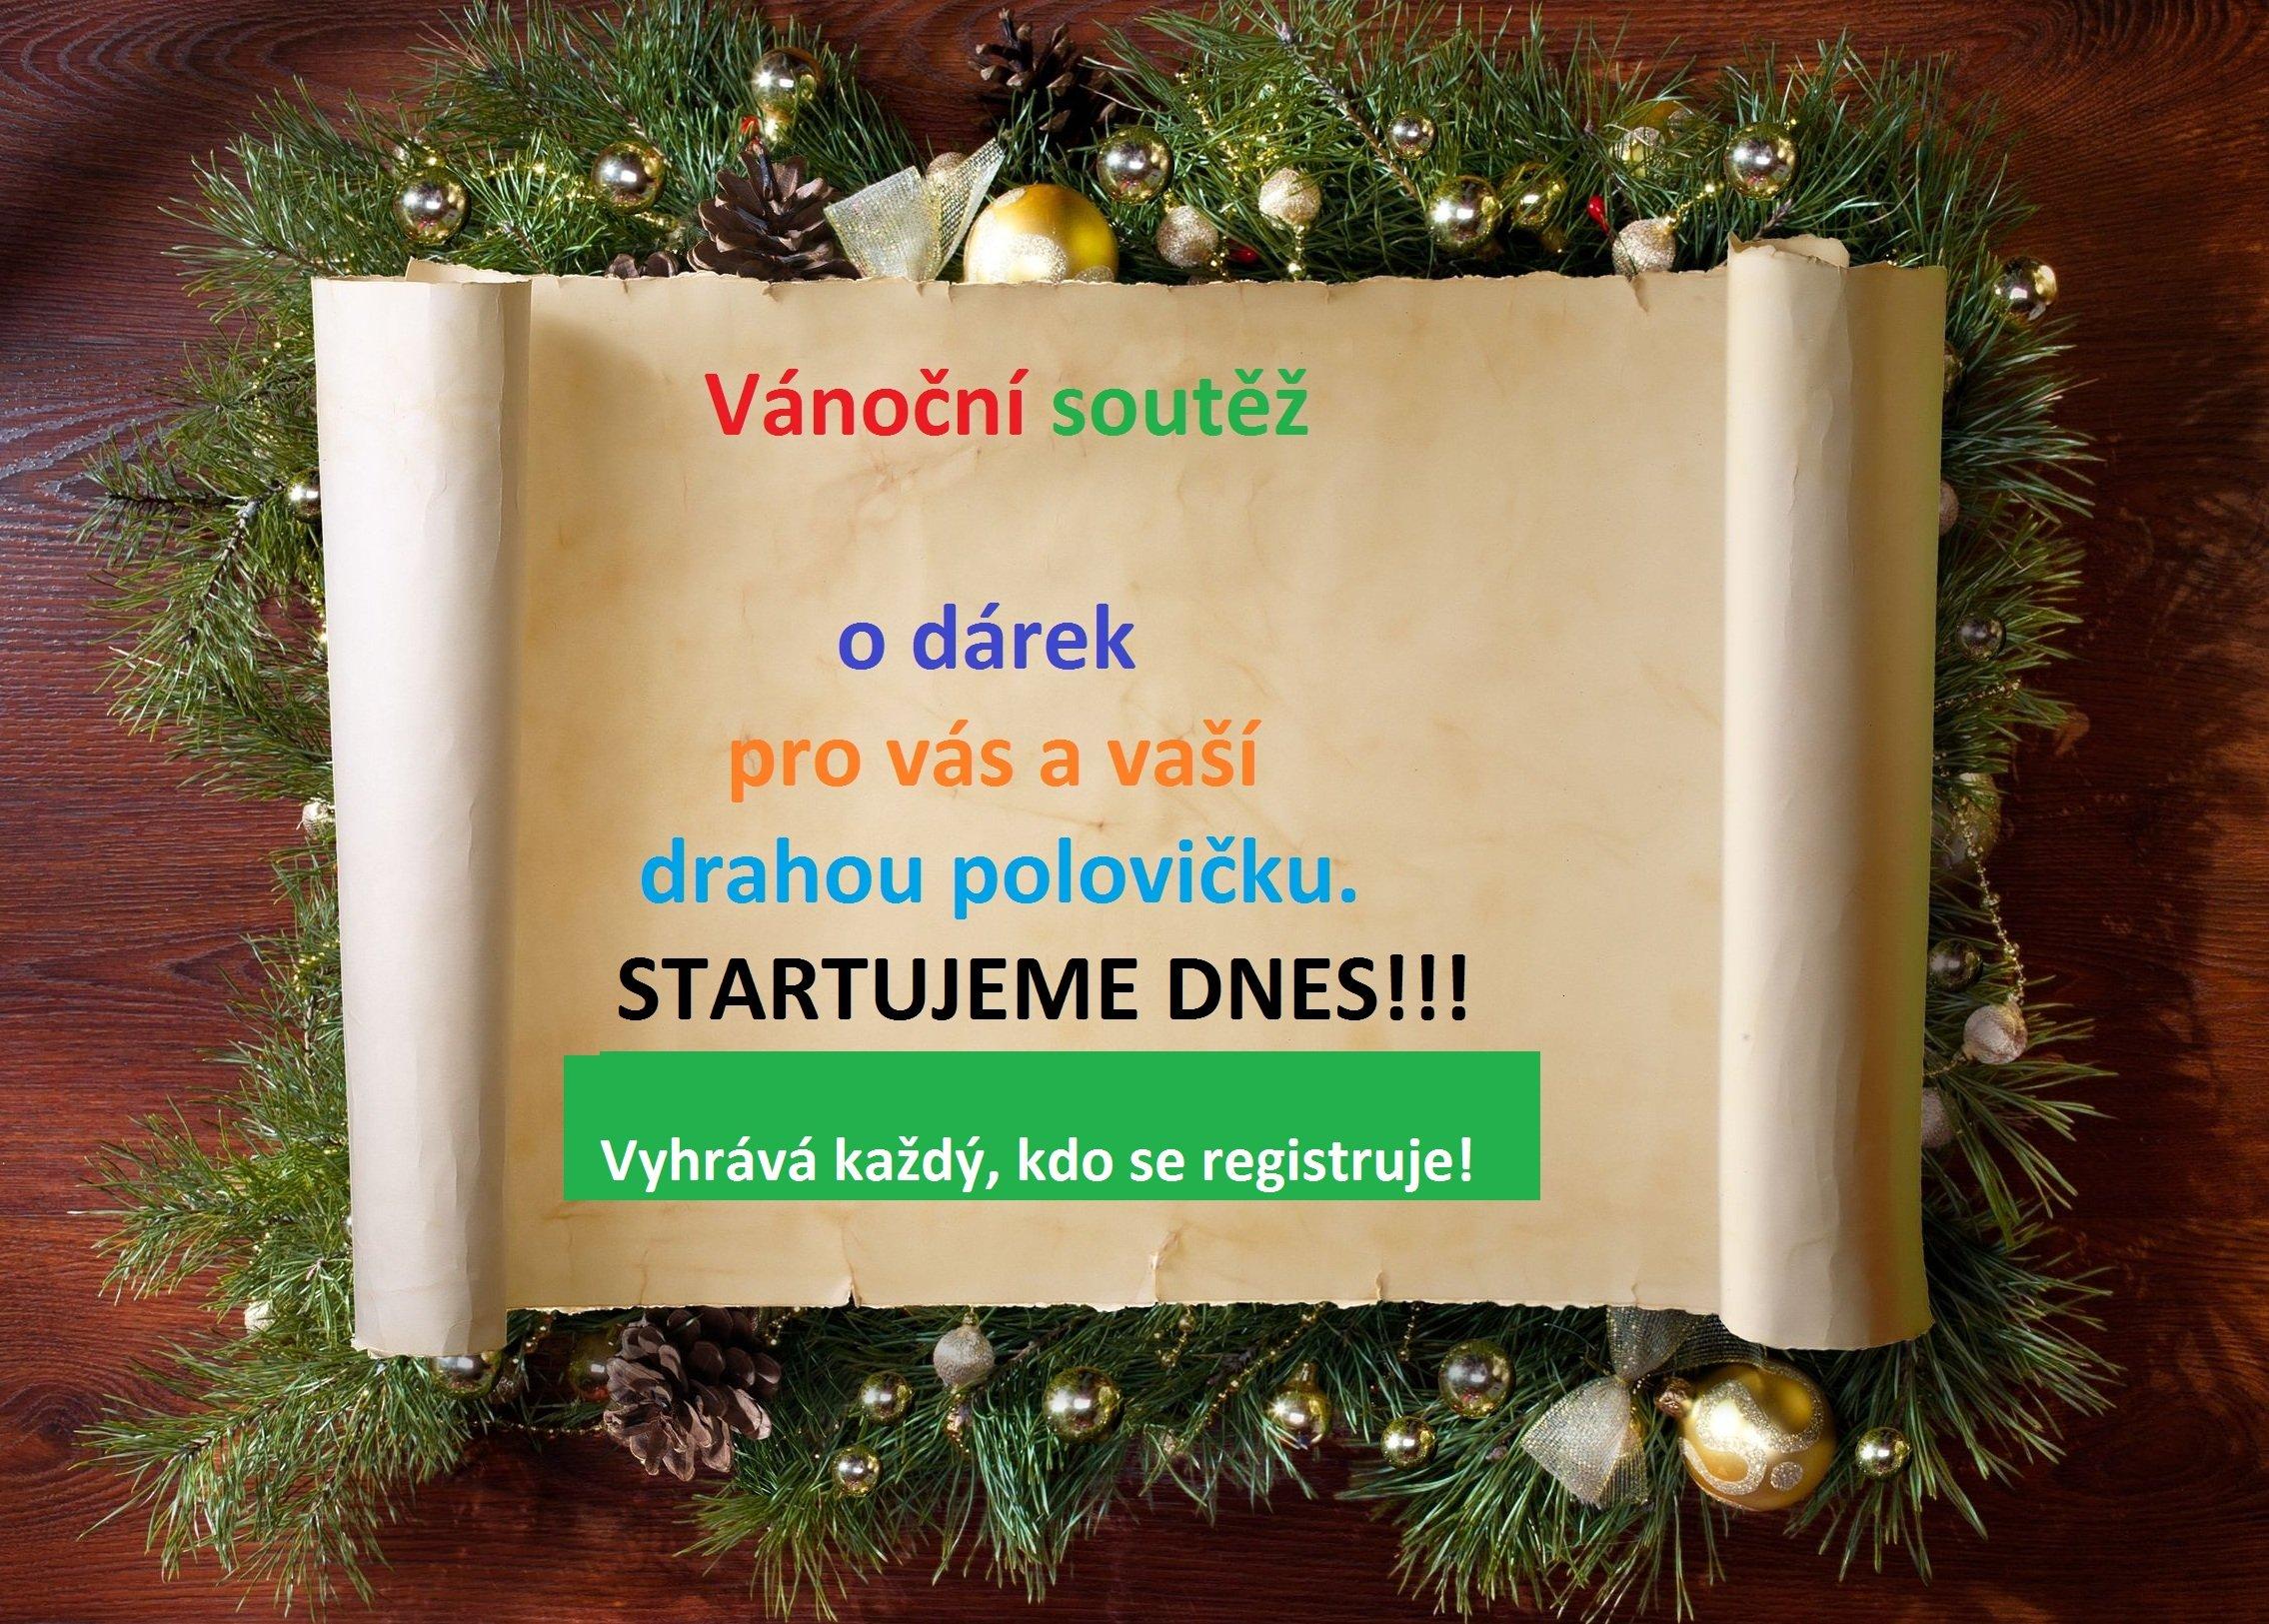 Vánoční soutěž o dárek pro dva